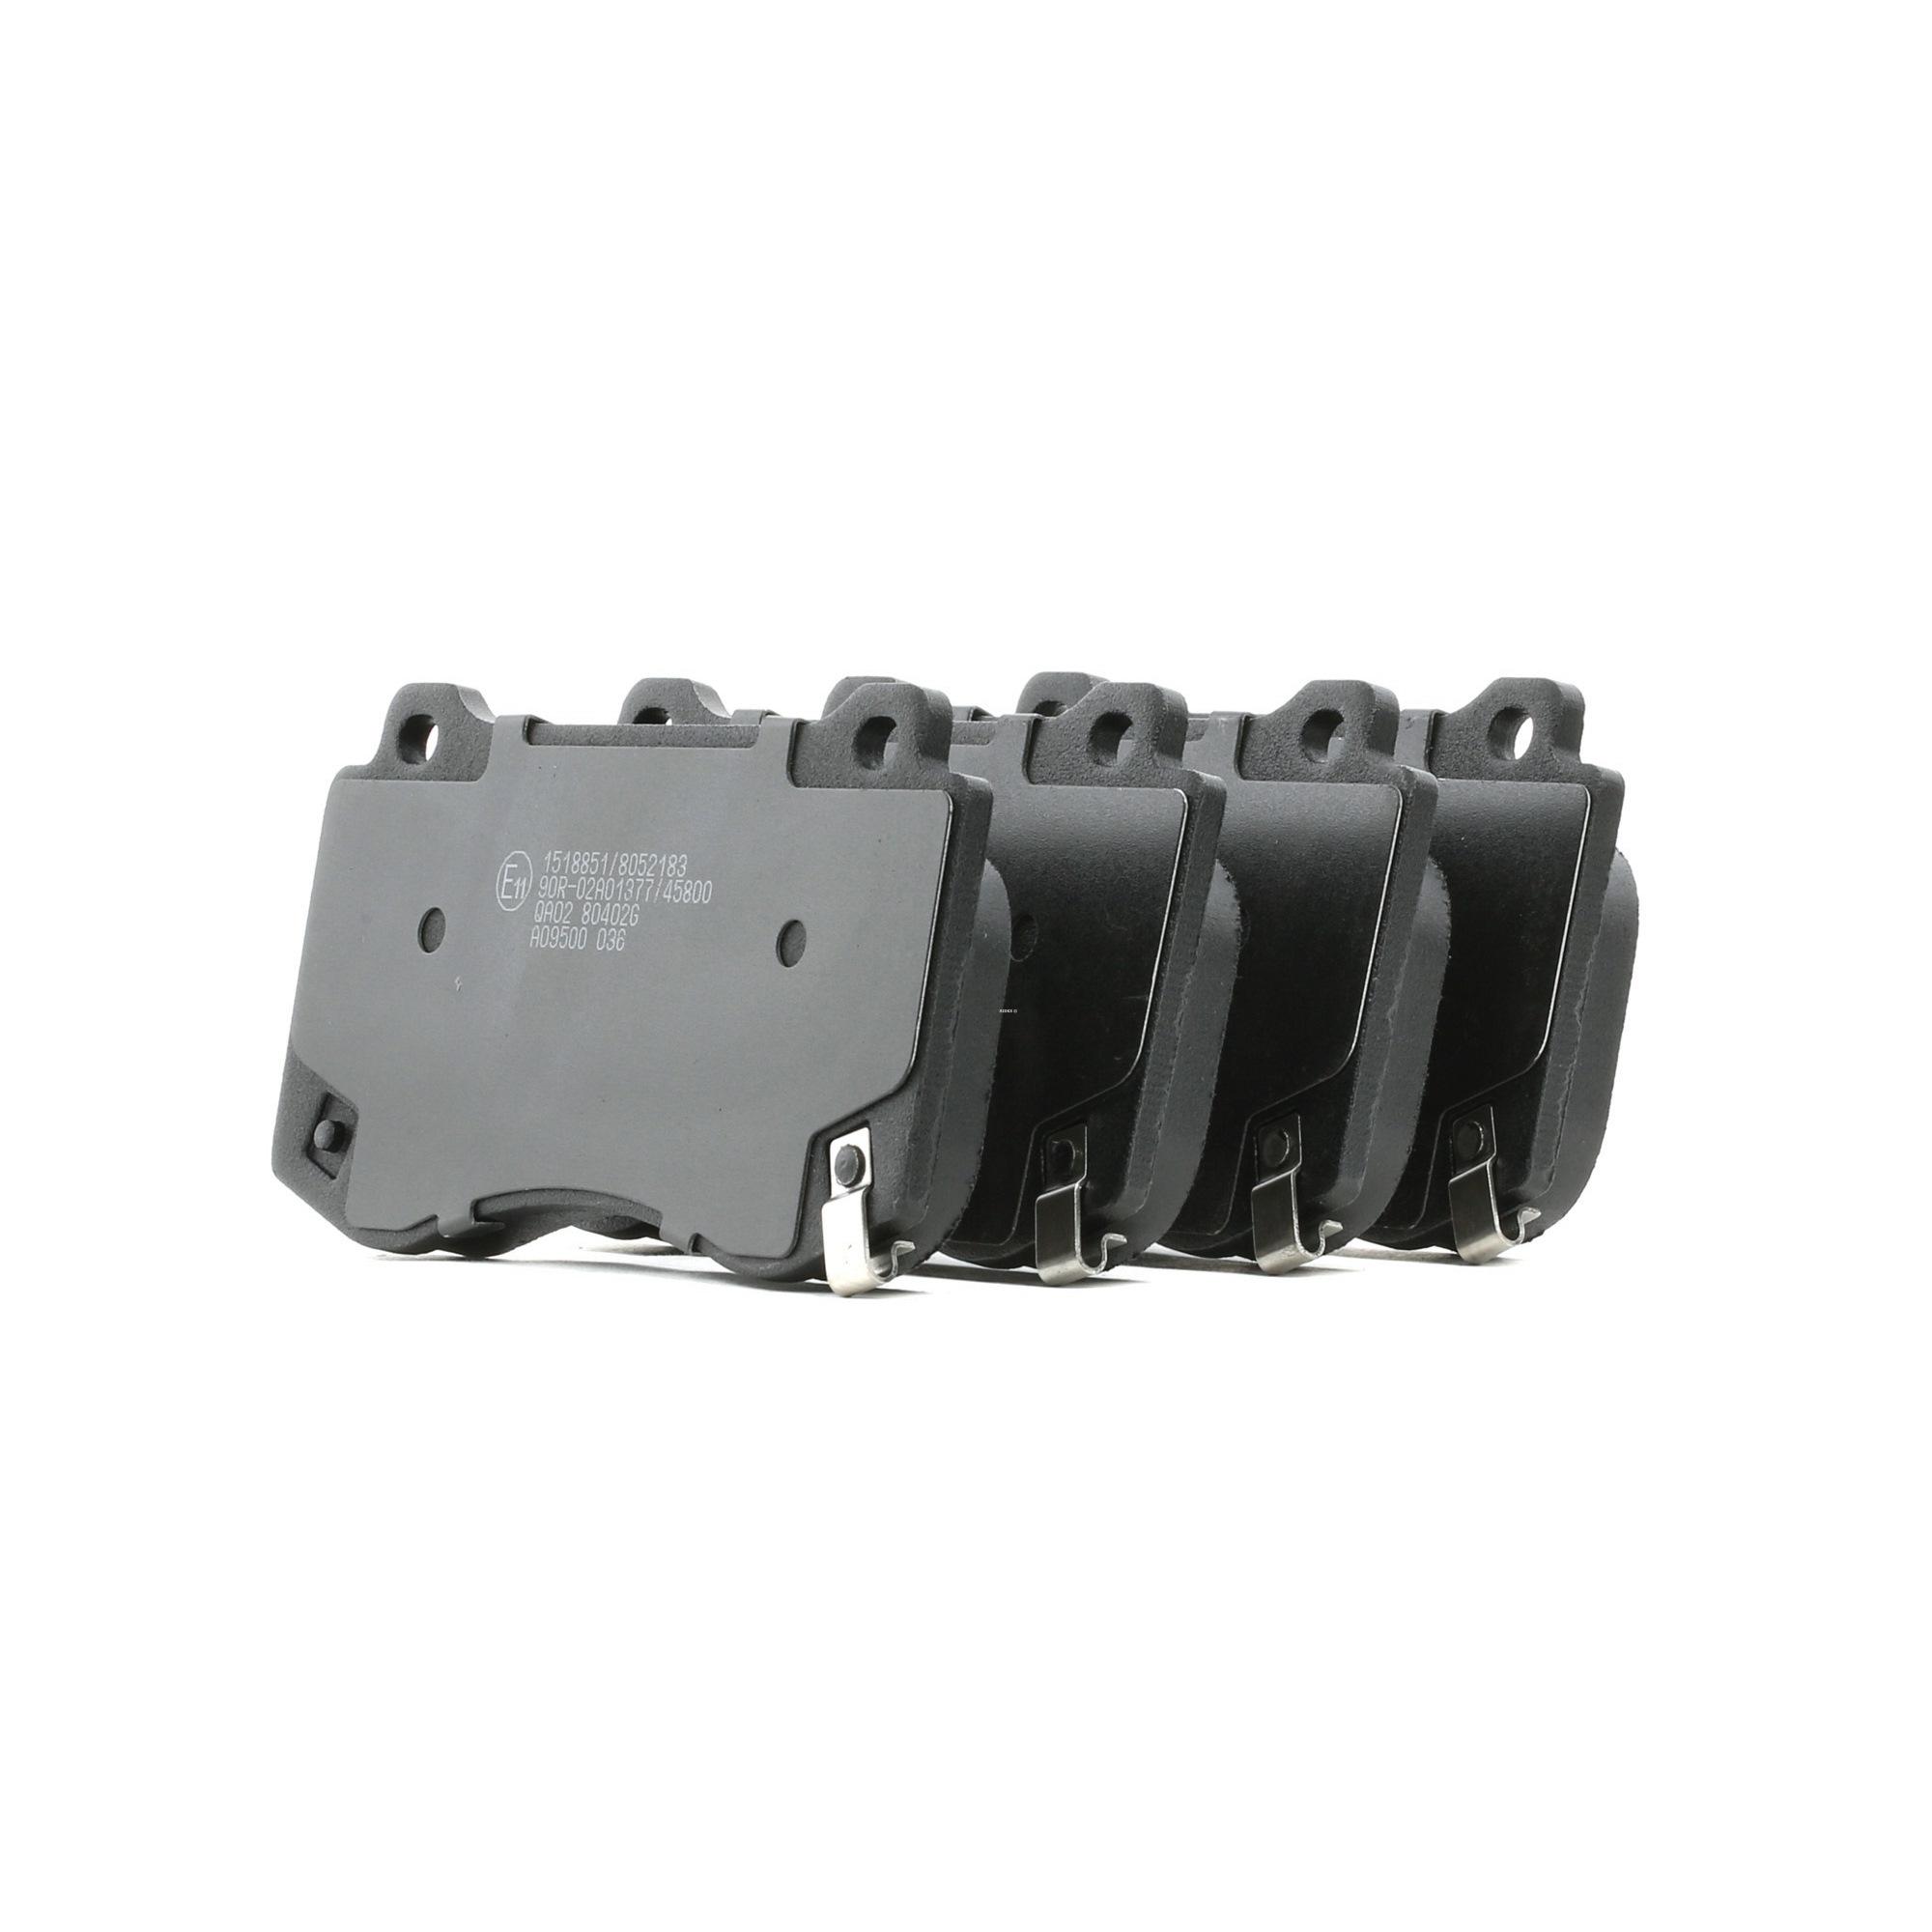 DODGE CHALLENGER 2021 Bremsklötze - Original RIDEX 402B0826 Höhe: 76mm, Breite: 141,7mm, Dicke/Stärke: 17,5mm